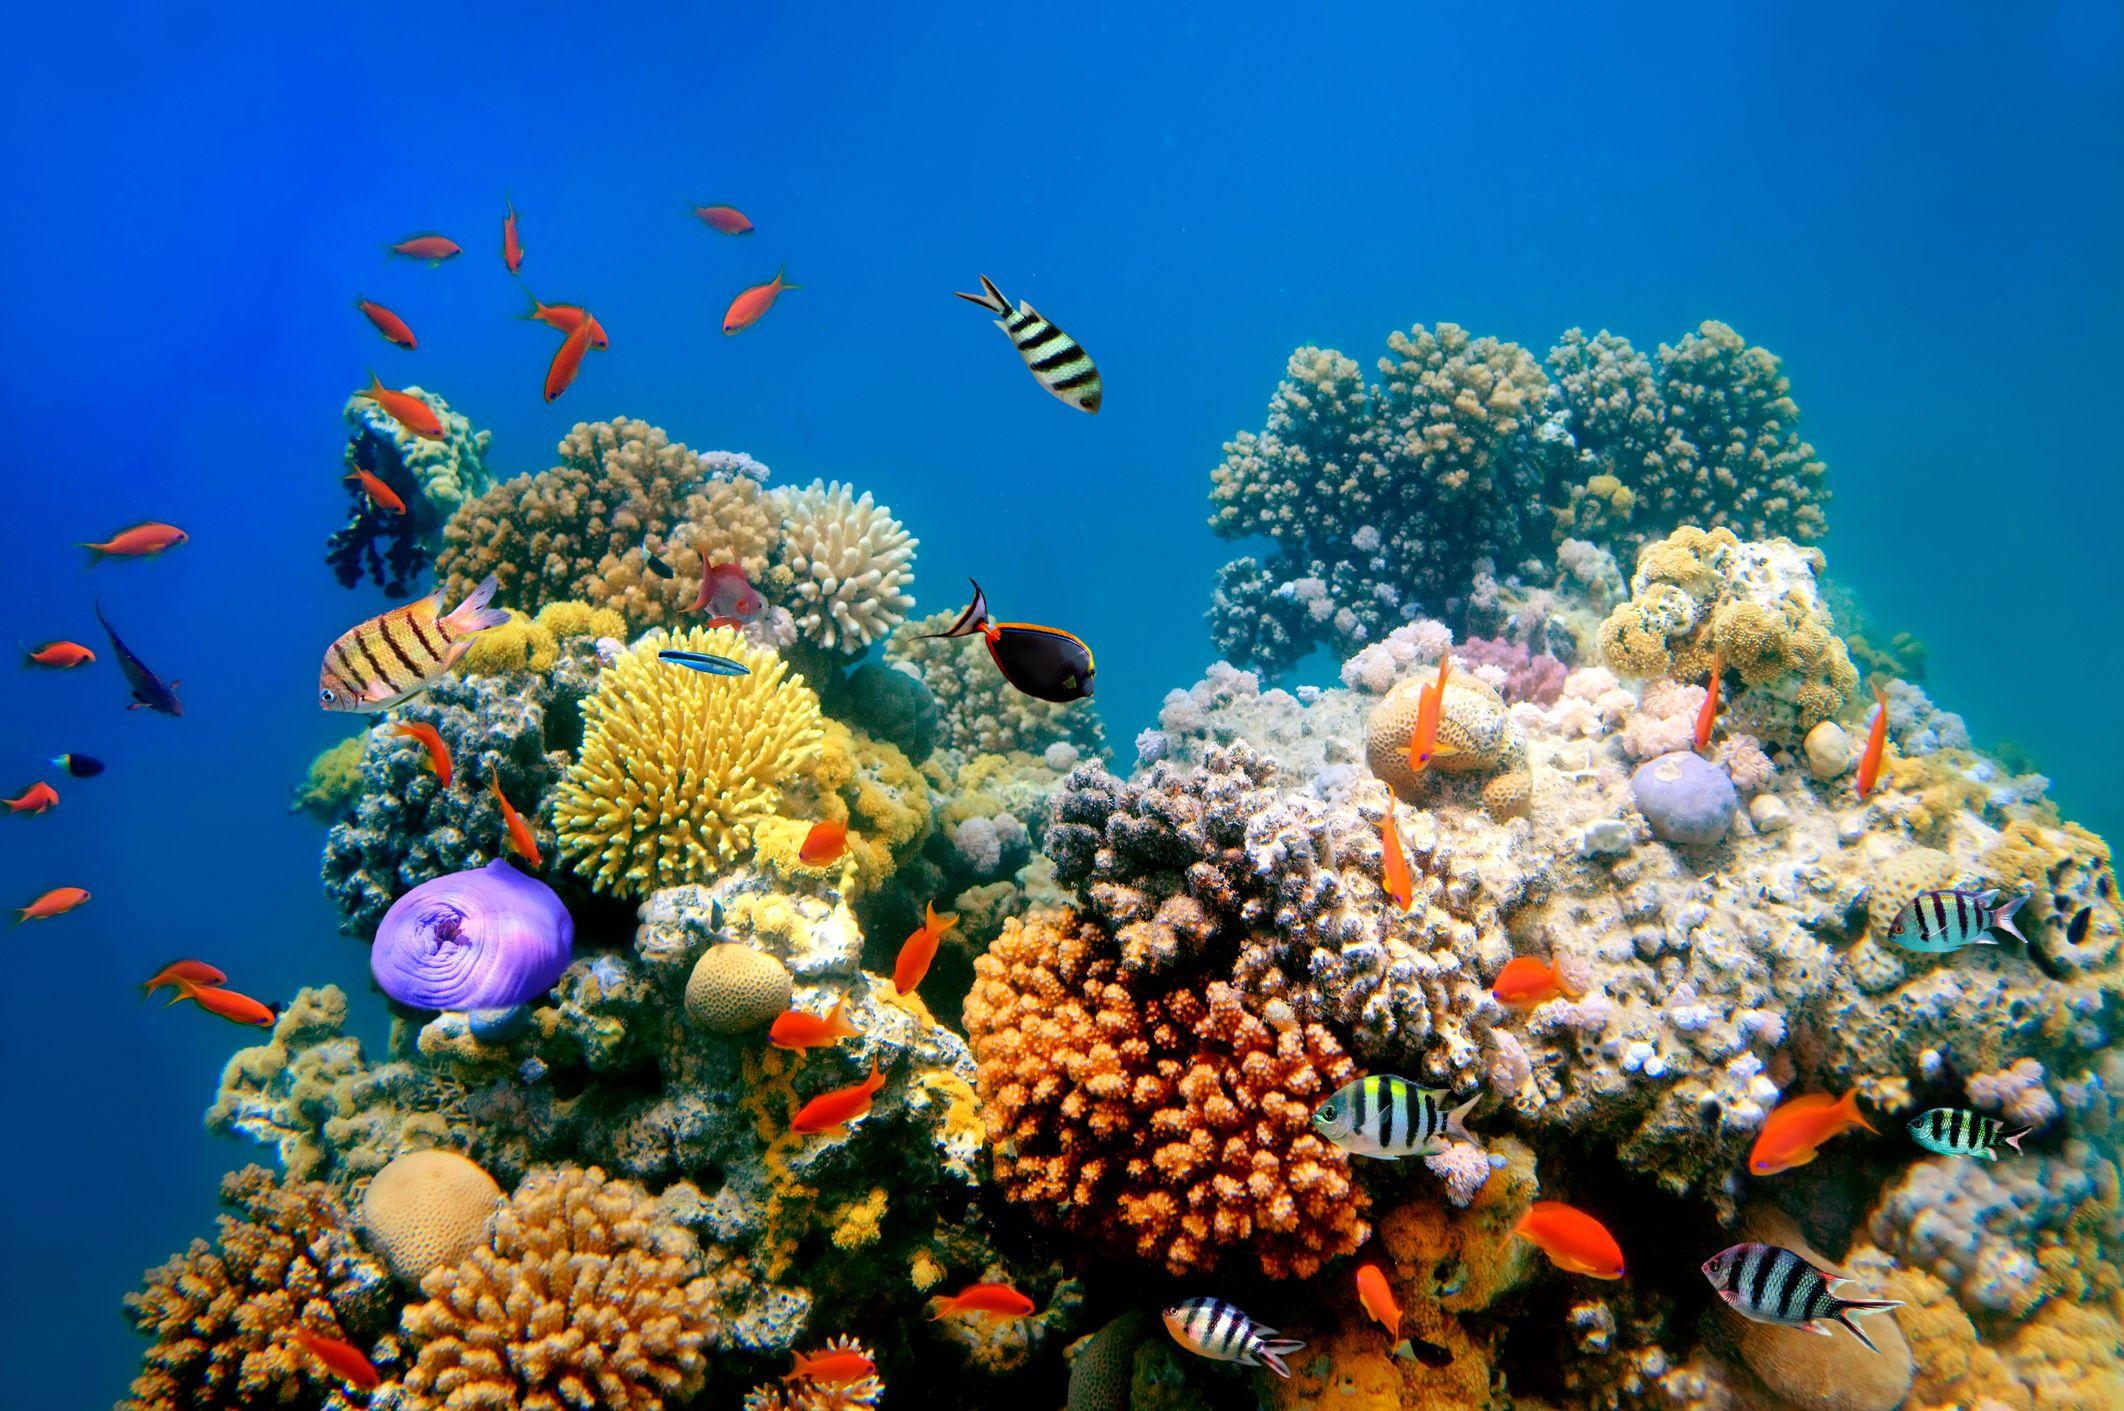 ocean fish tropical stock getty